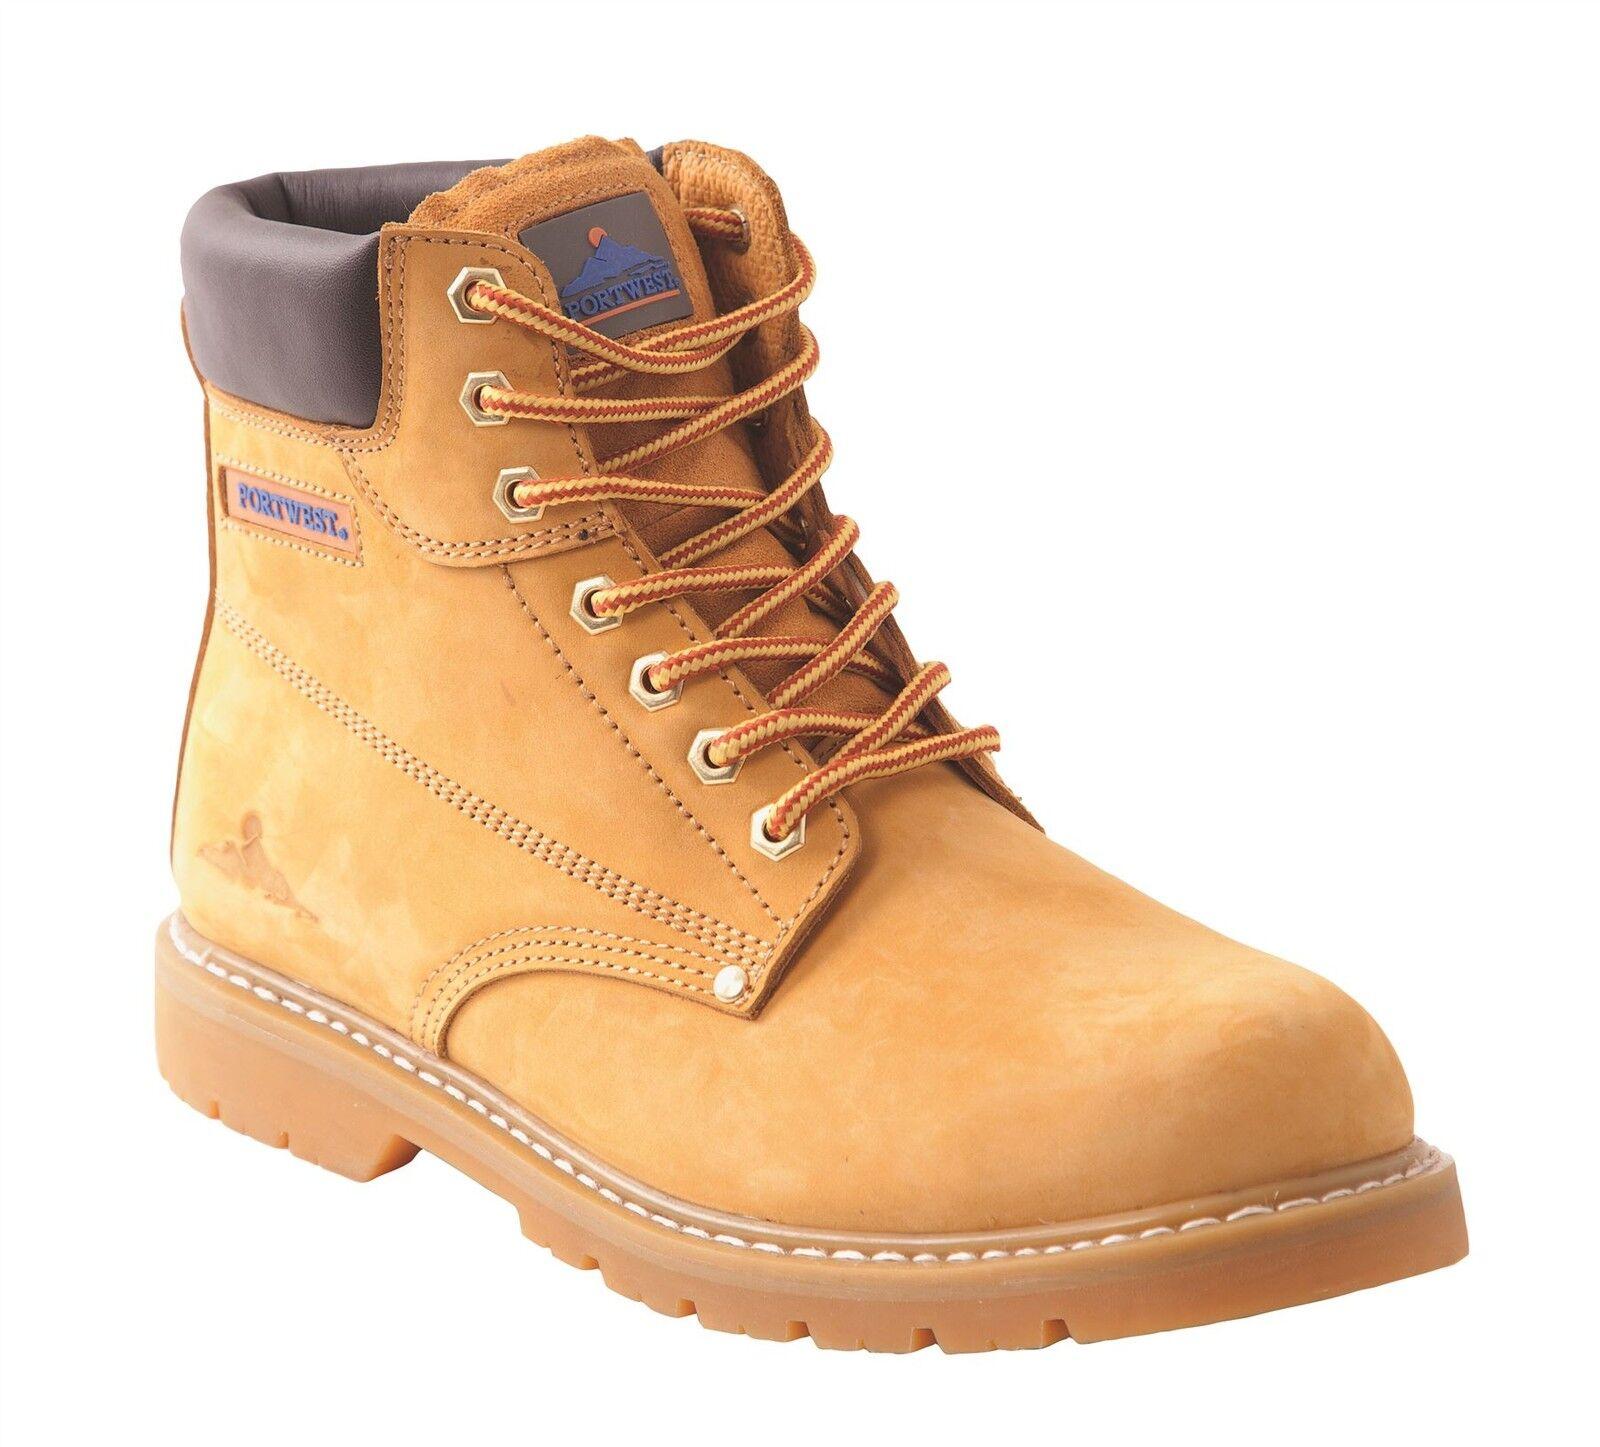 Portwest Taglia GOODYEAR la non-safety leather boot Lavoro Casual Taglia Portwest 6 - 12 FW18 6c0a13